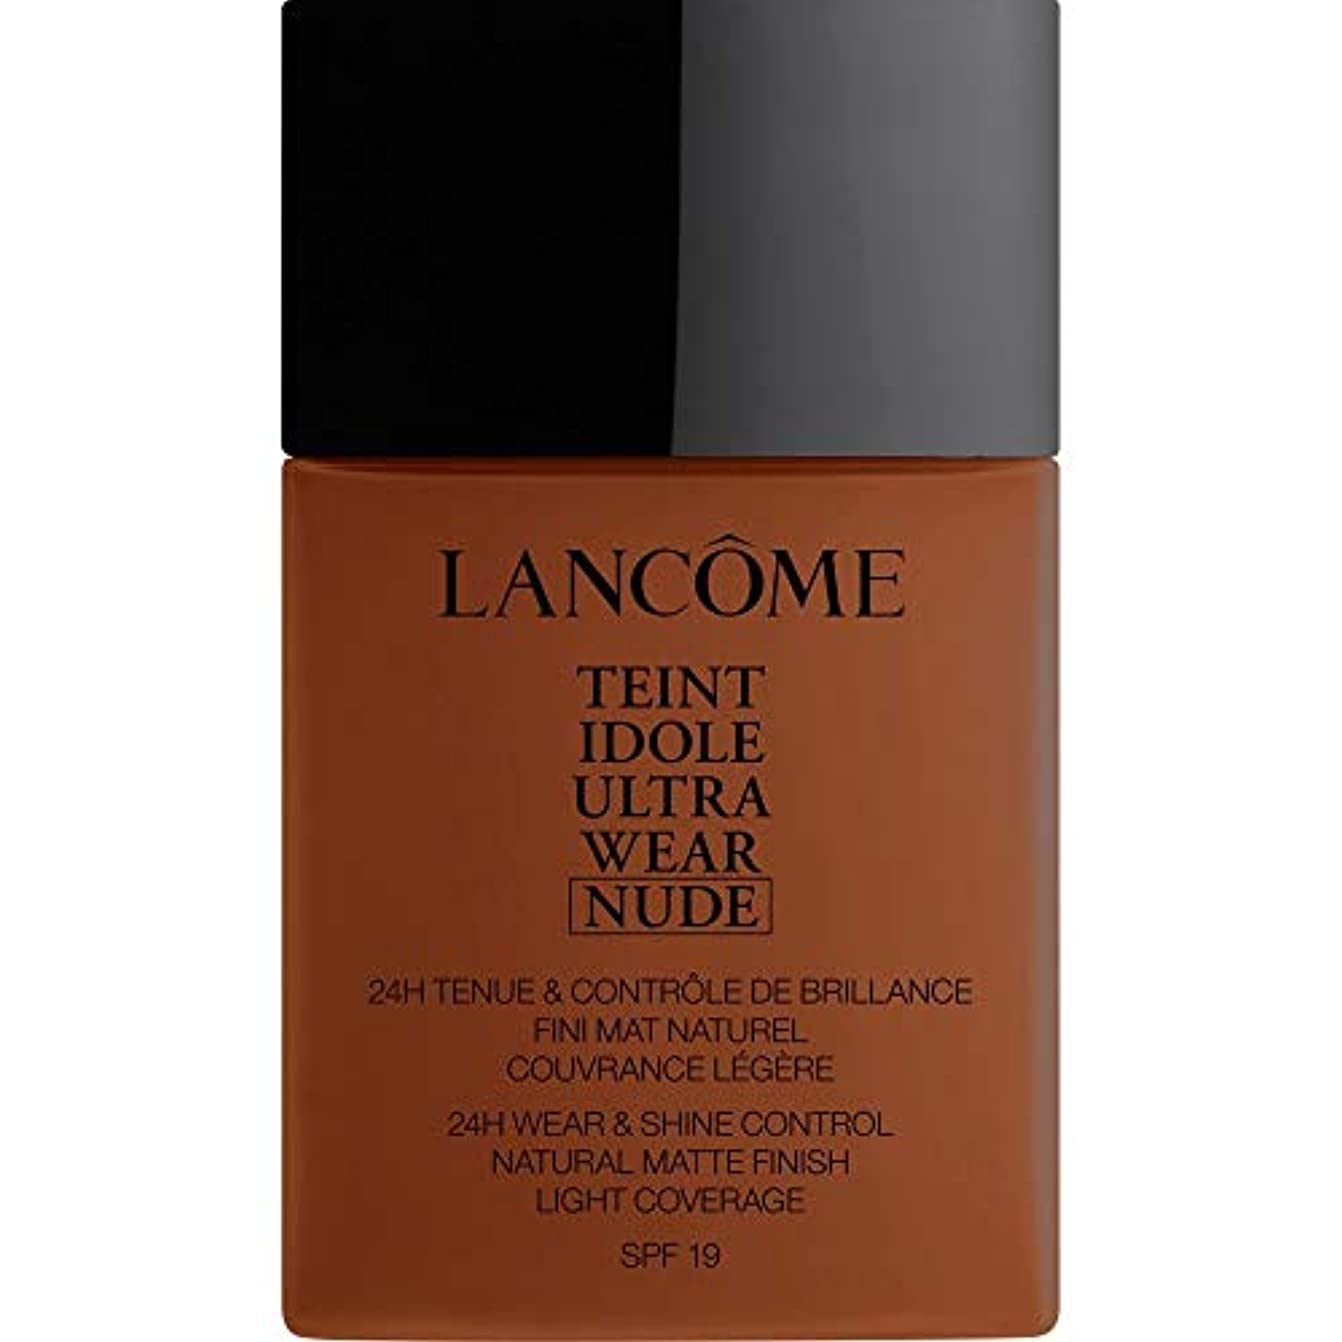 教える懐疑論フォーマット[Lanc?me ] ランコムTeintのIdole超摩耗ヌード財団Spf19の40ミリリットル13.3 - サンタル - Lancome Teint Idole Ultra Wear Nude Foundation SPF19...